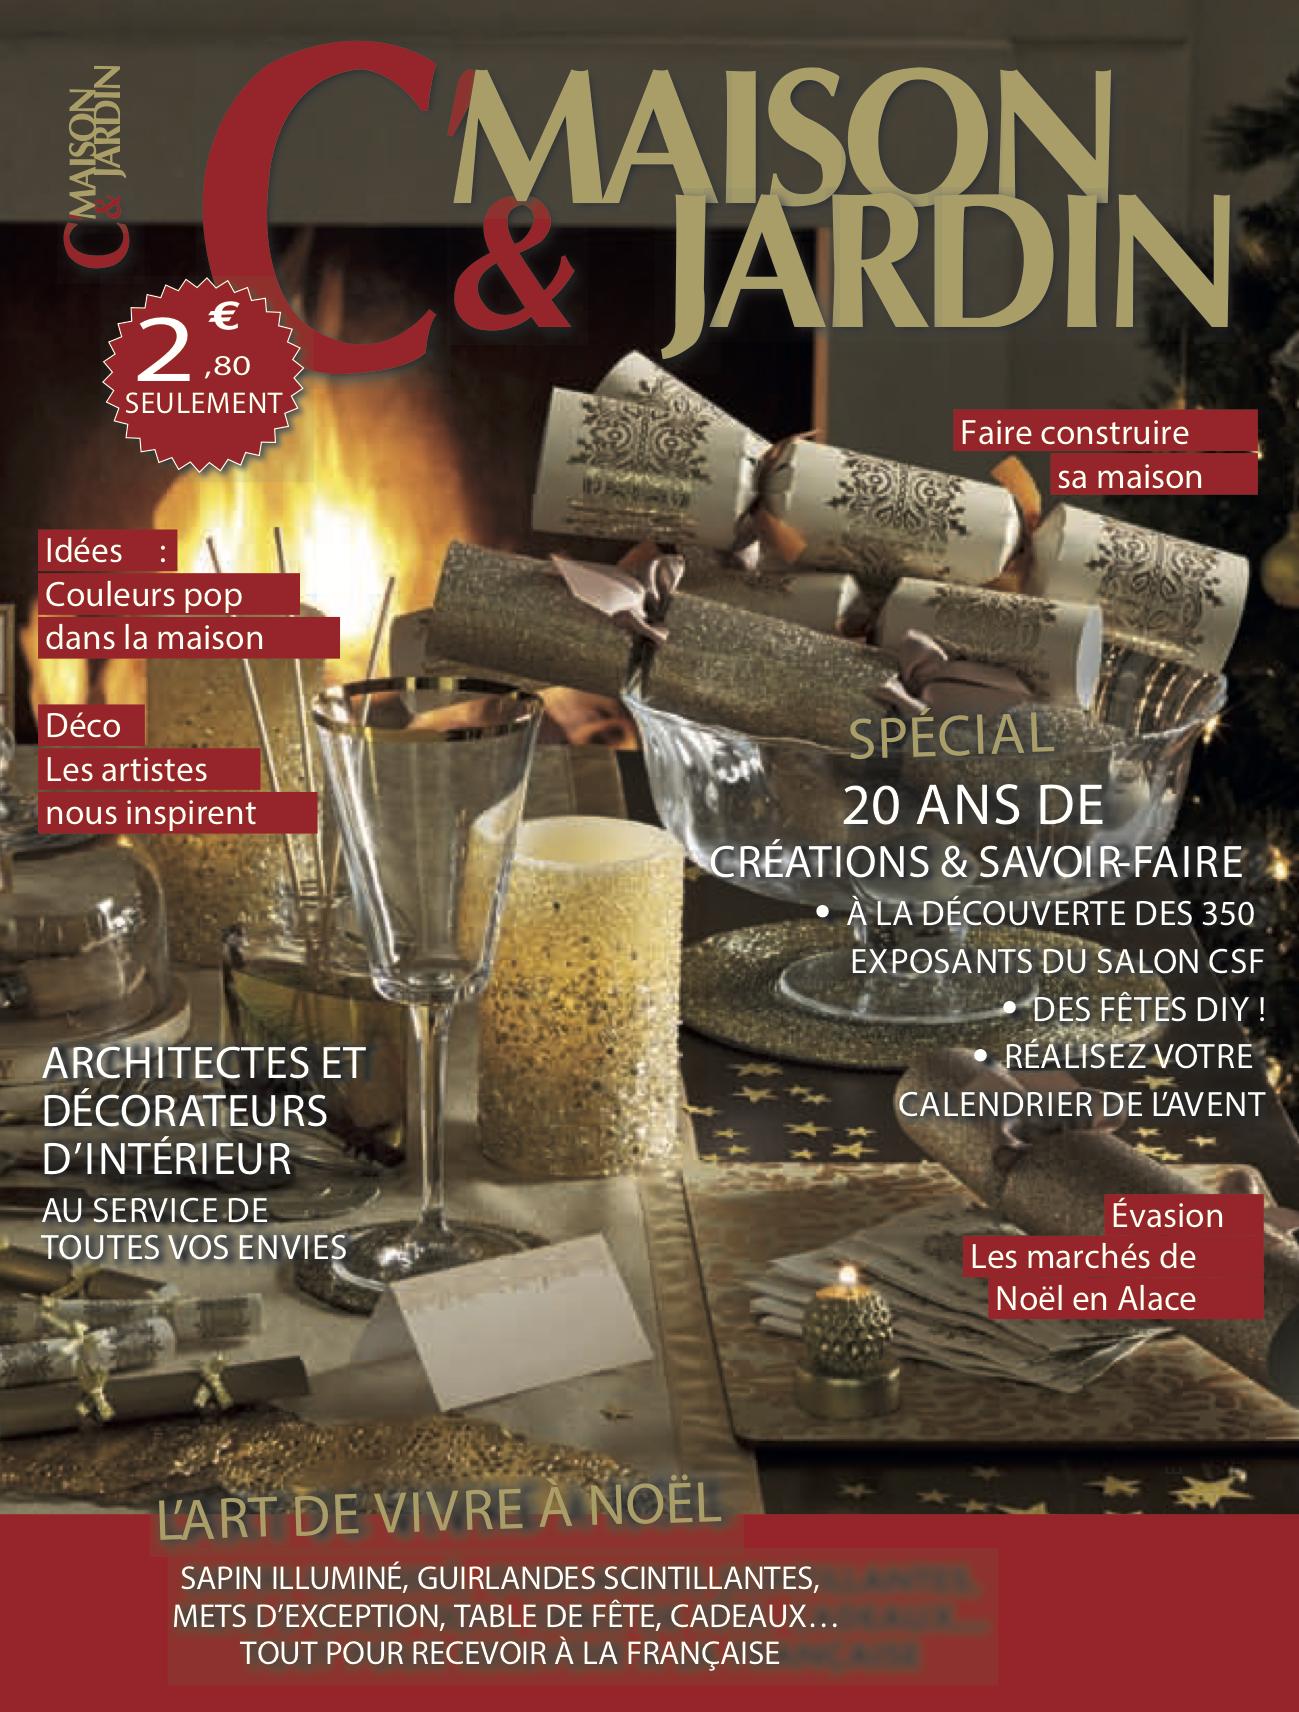 C Maison Et Jardin Magazine presse • kréatitud déco-design • architecte d'intérieur à dijon